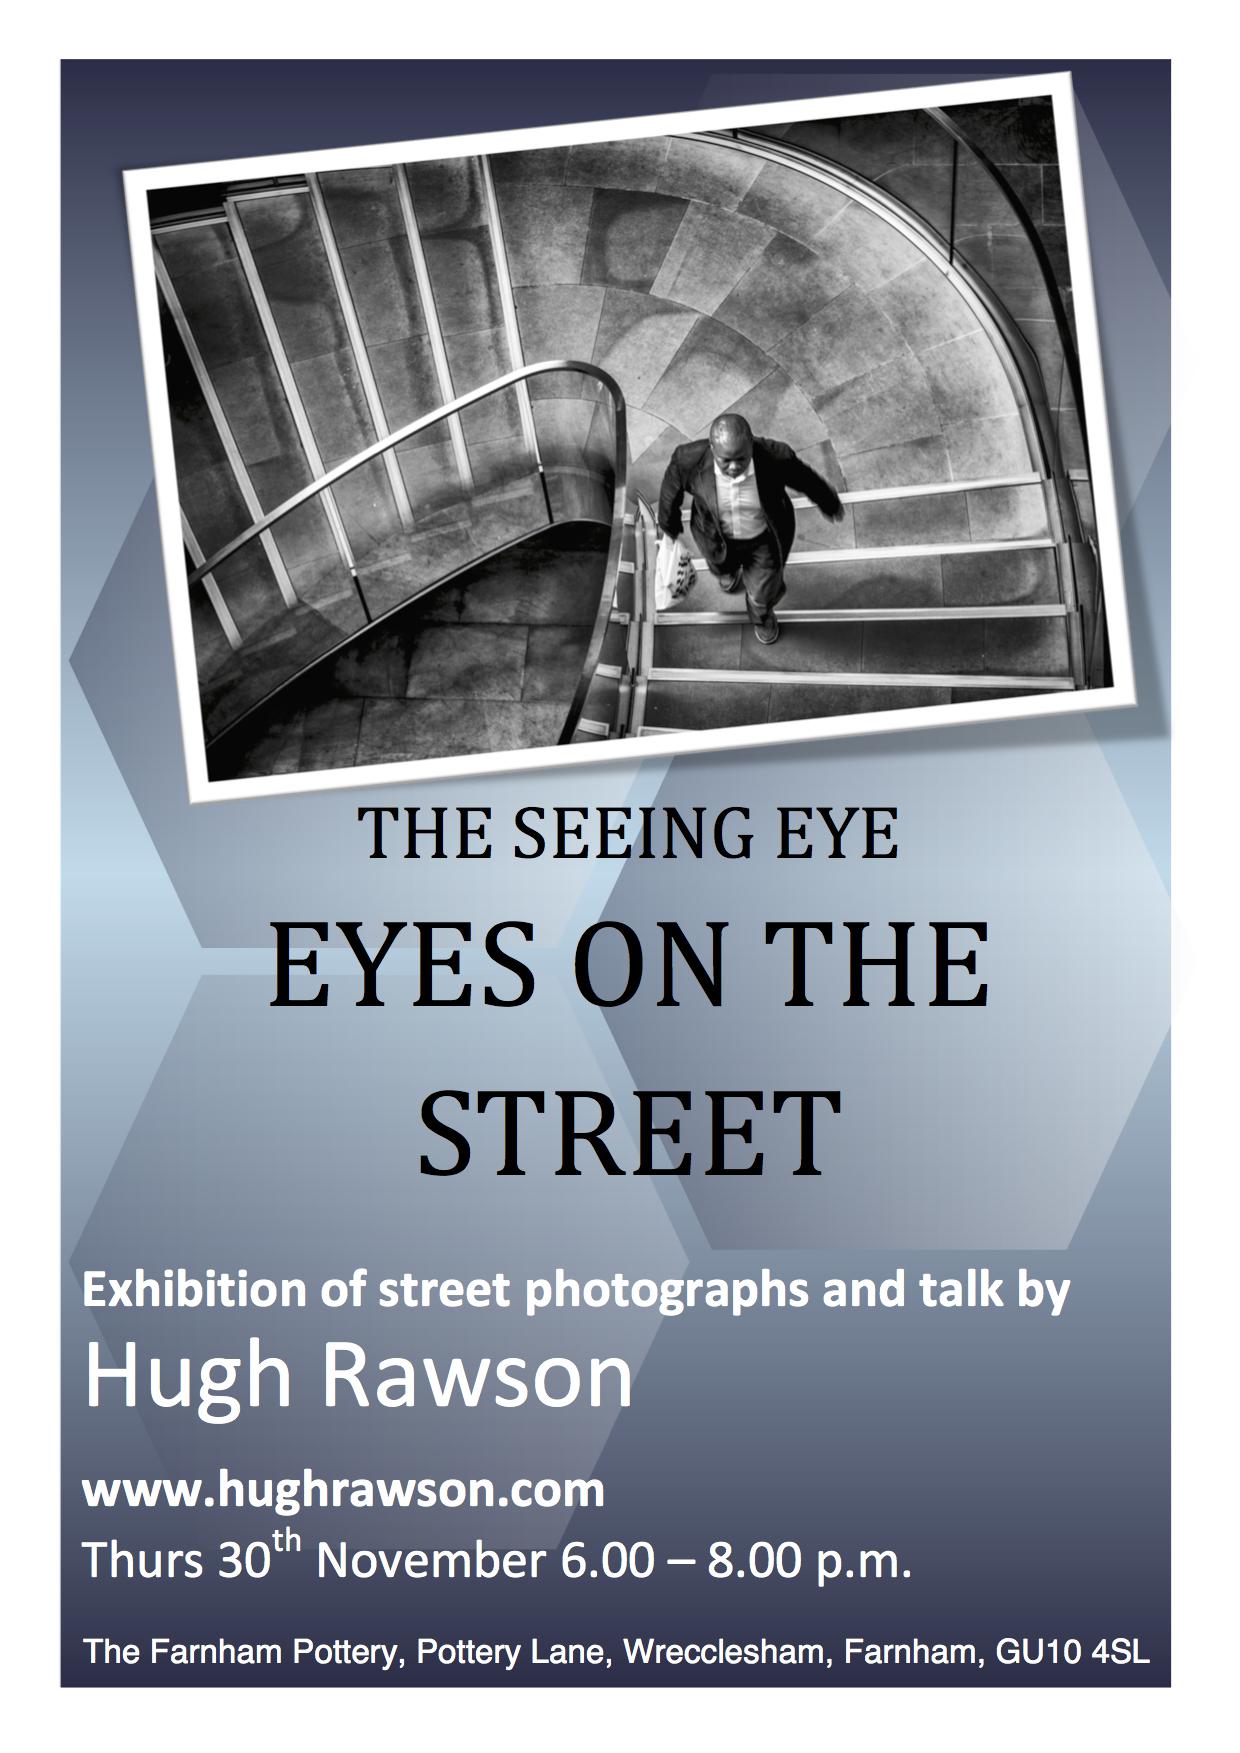 The Seeing Eye - Hugh Rawson flyer.jpg